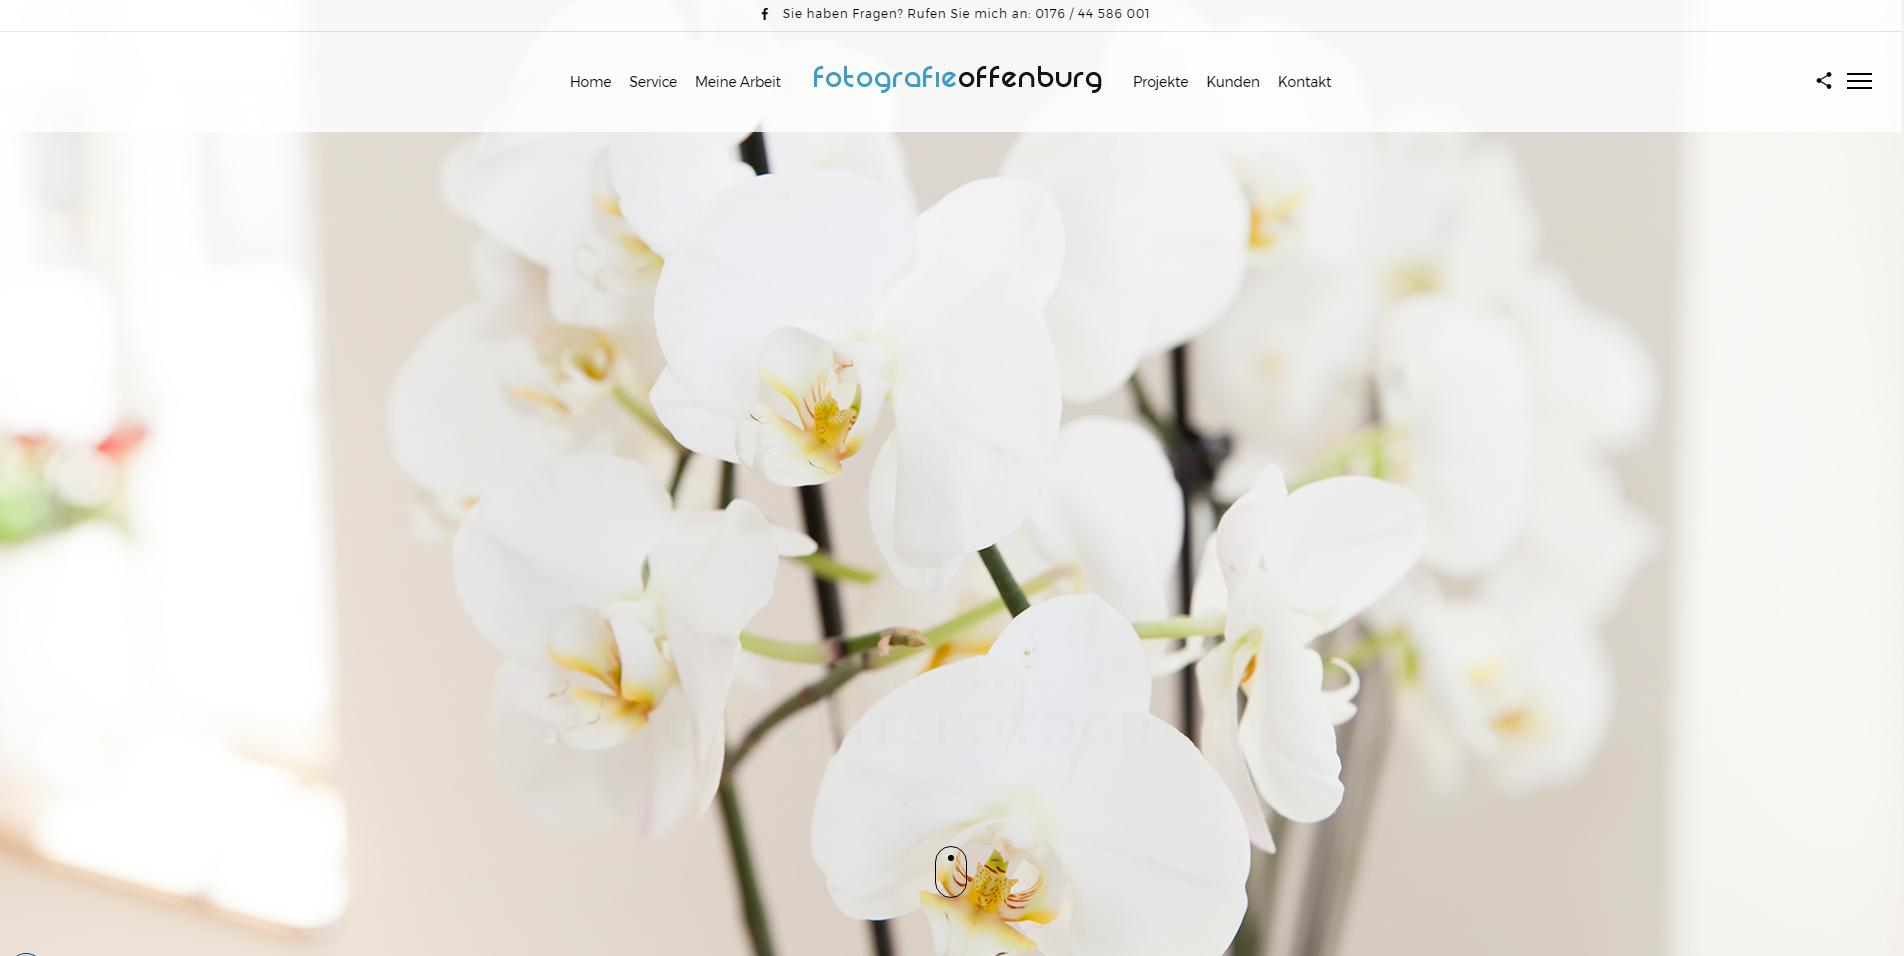 Fotografie-Offenburg • knuspermedia